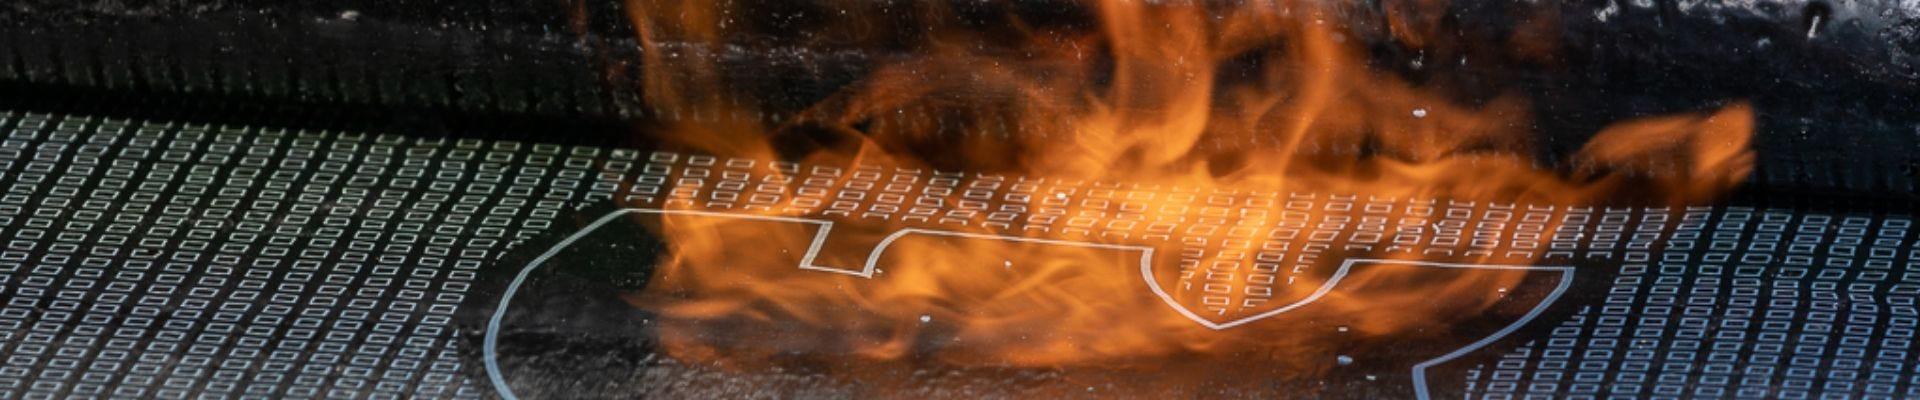 Brandpreventie op platte daken: wat zegt de wet?